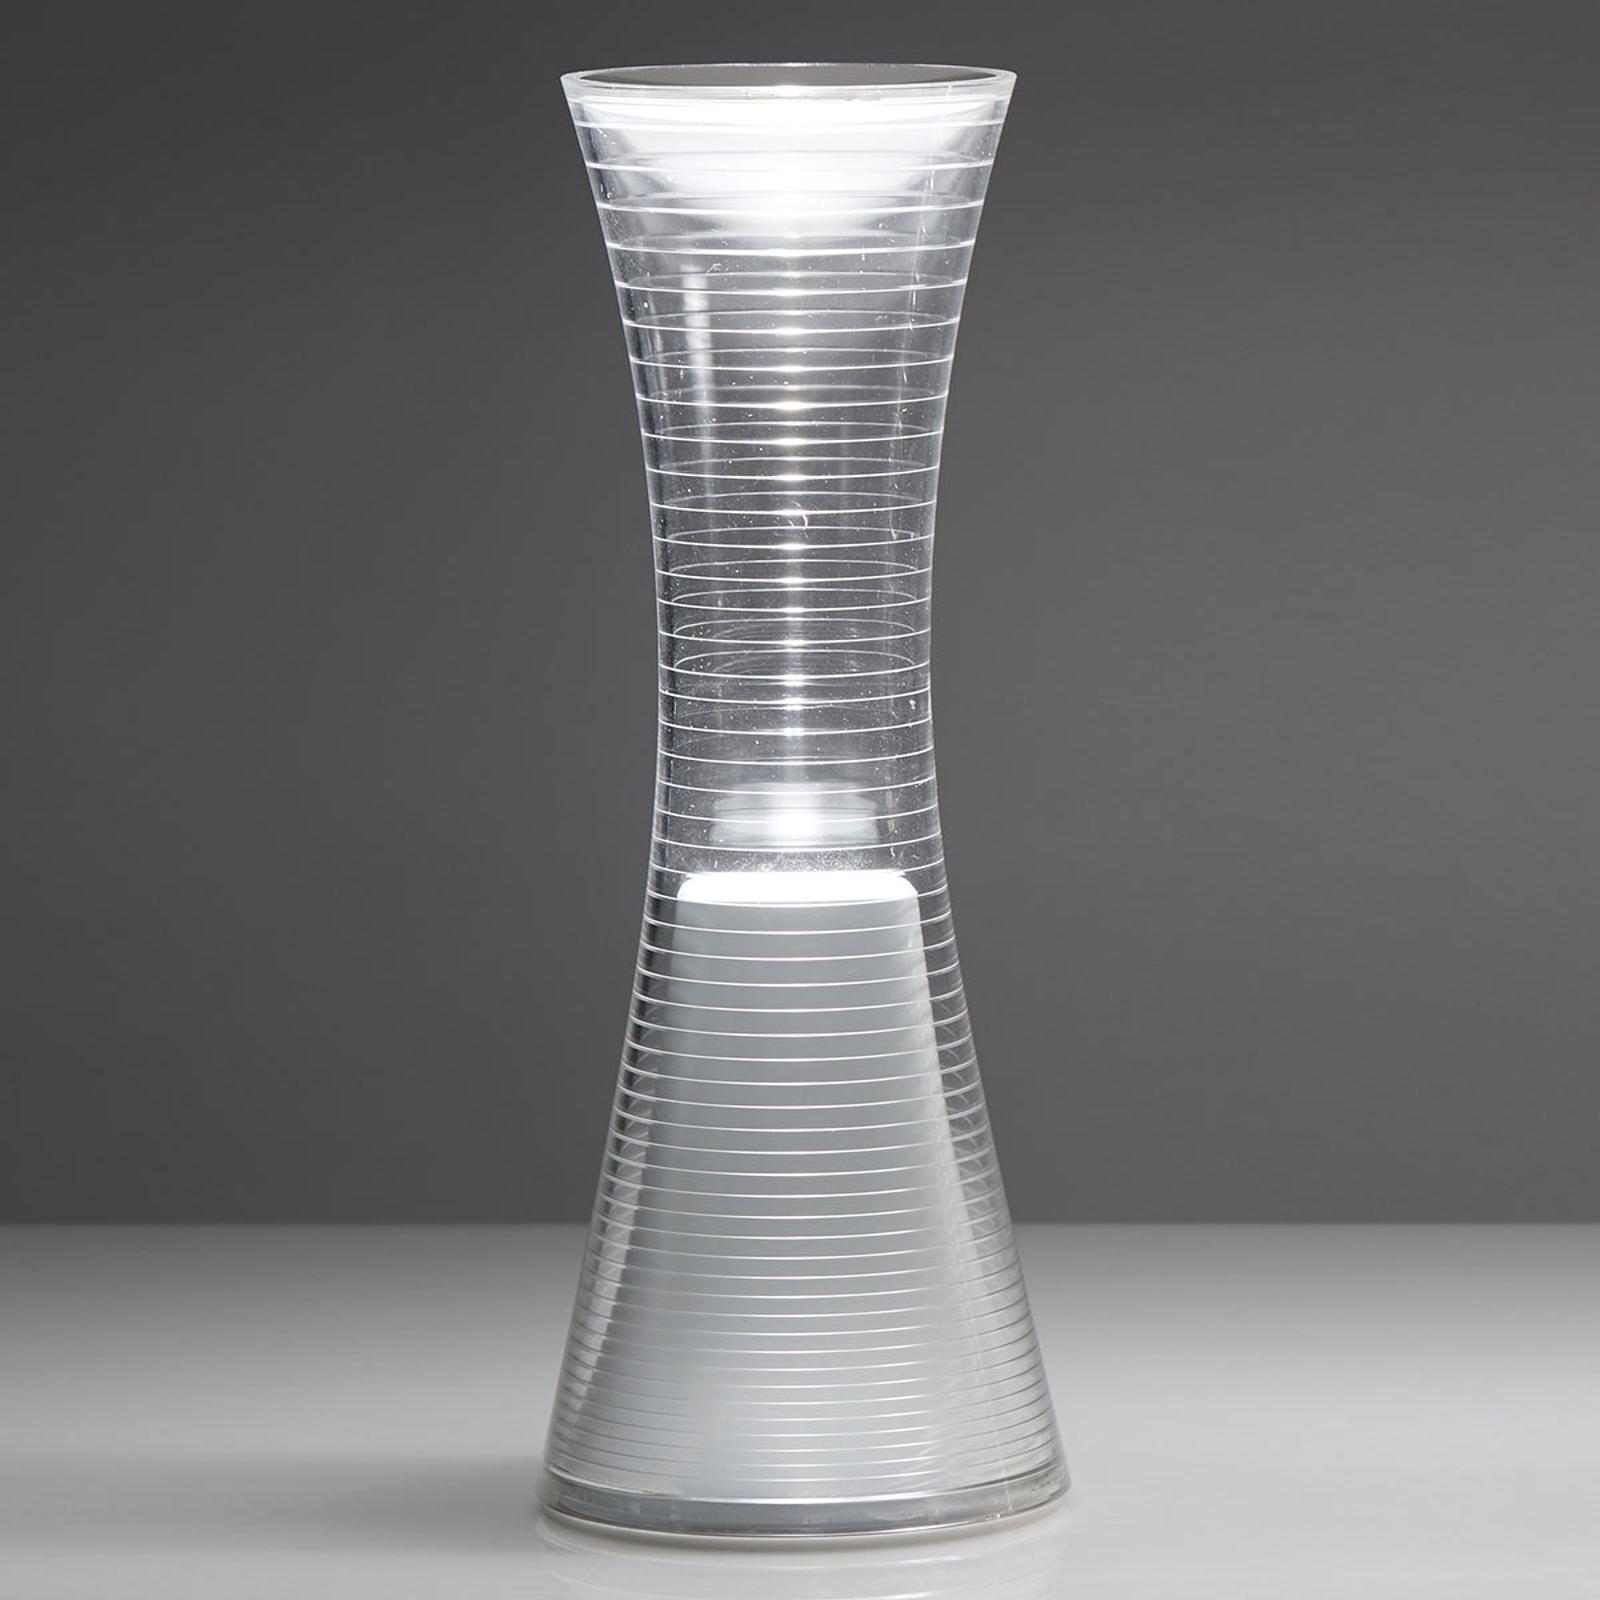 Artemide Come Together lampe à poser LED blanche